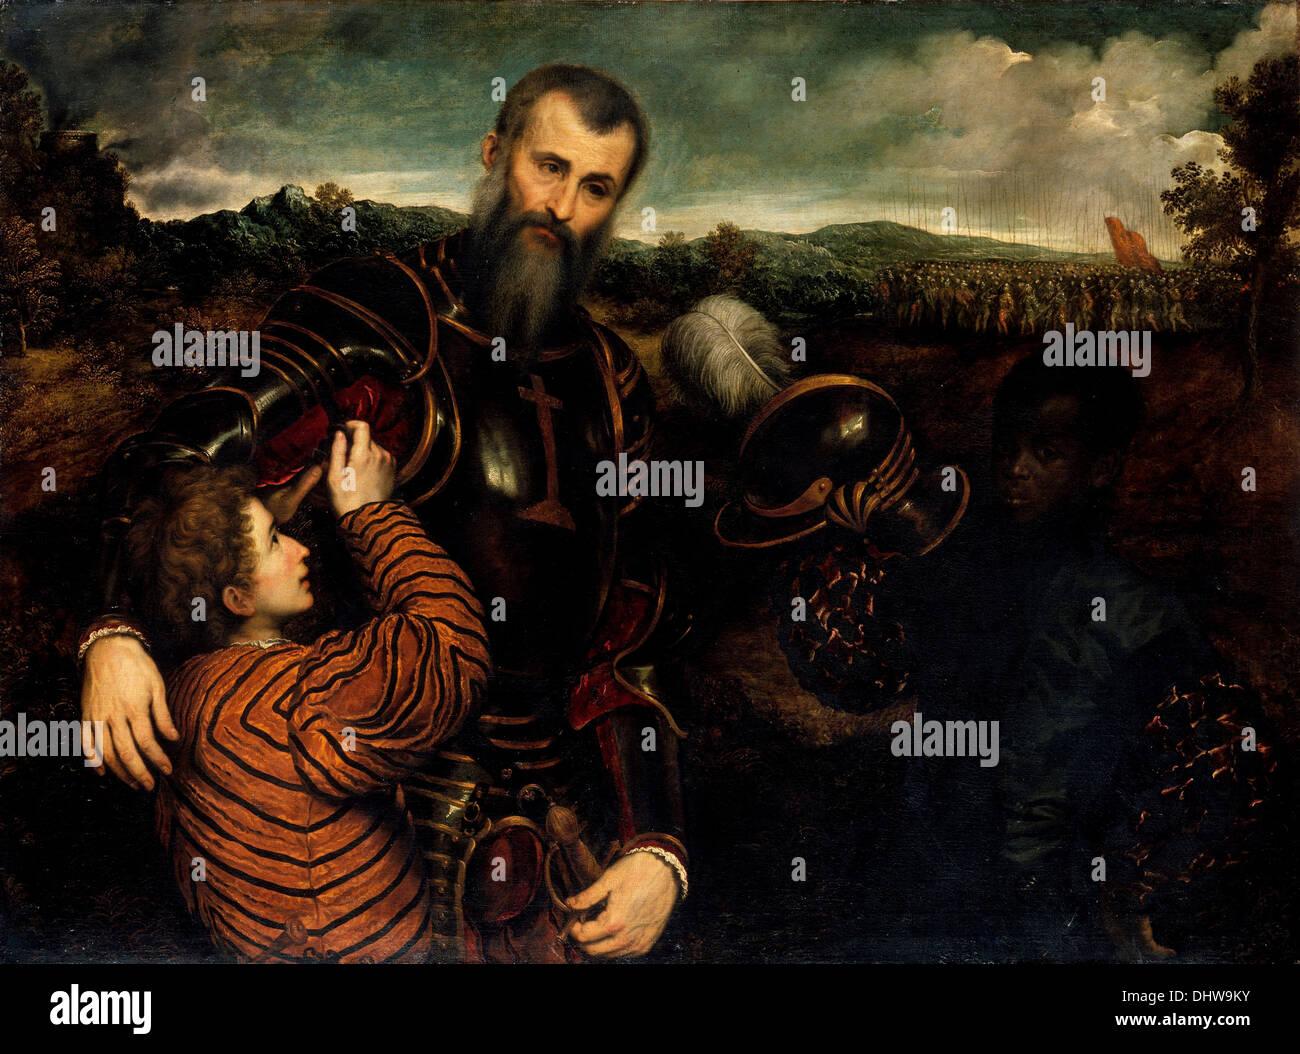 Ritratto di un uomo in armatura con due pagine - da Paris Bordon, 1500's Immagini Stock